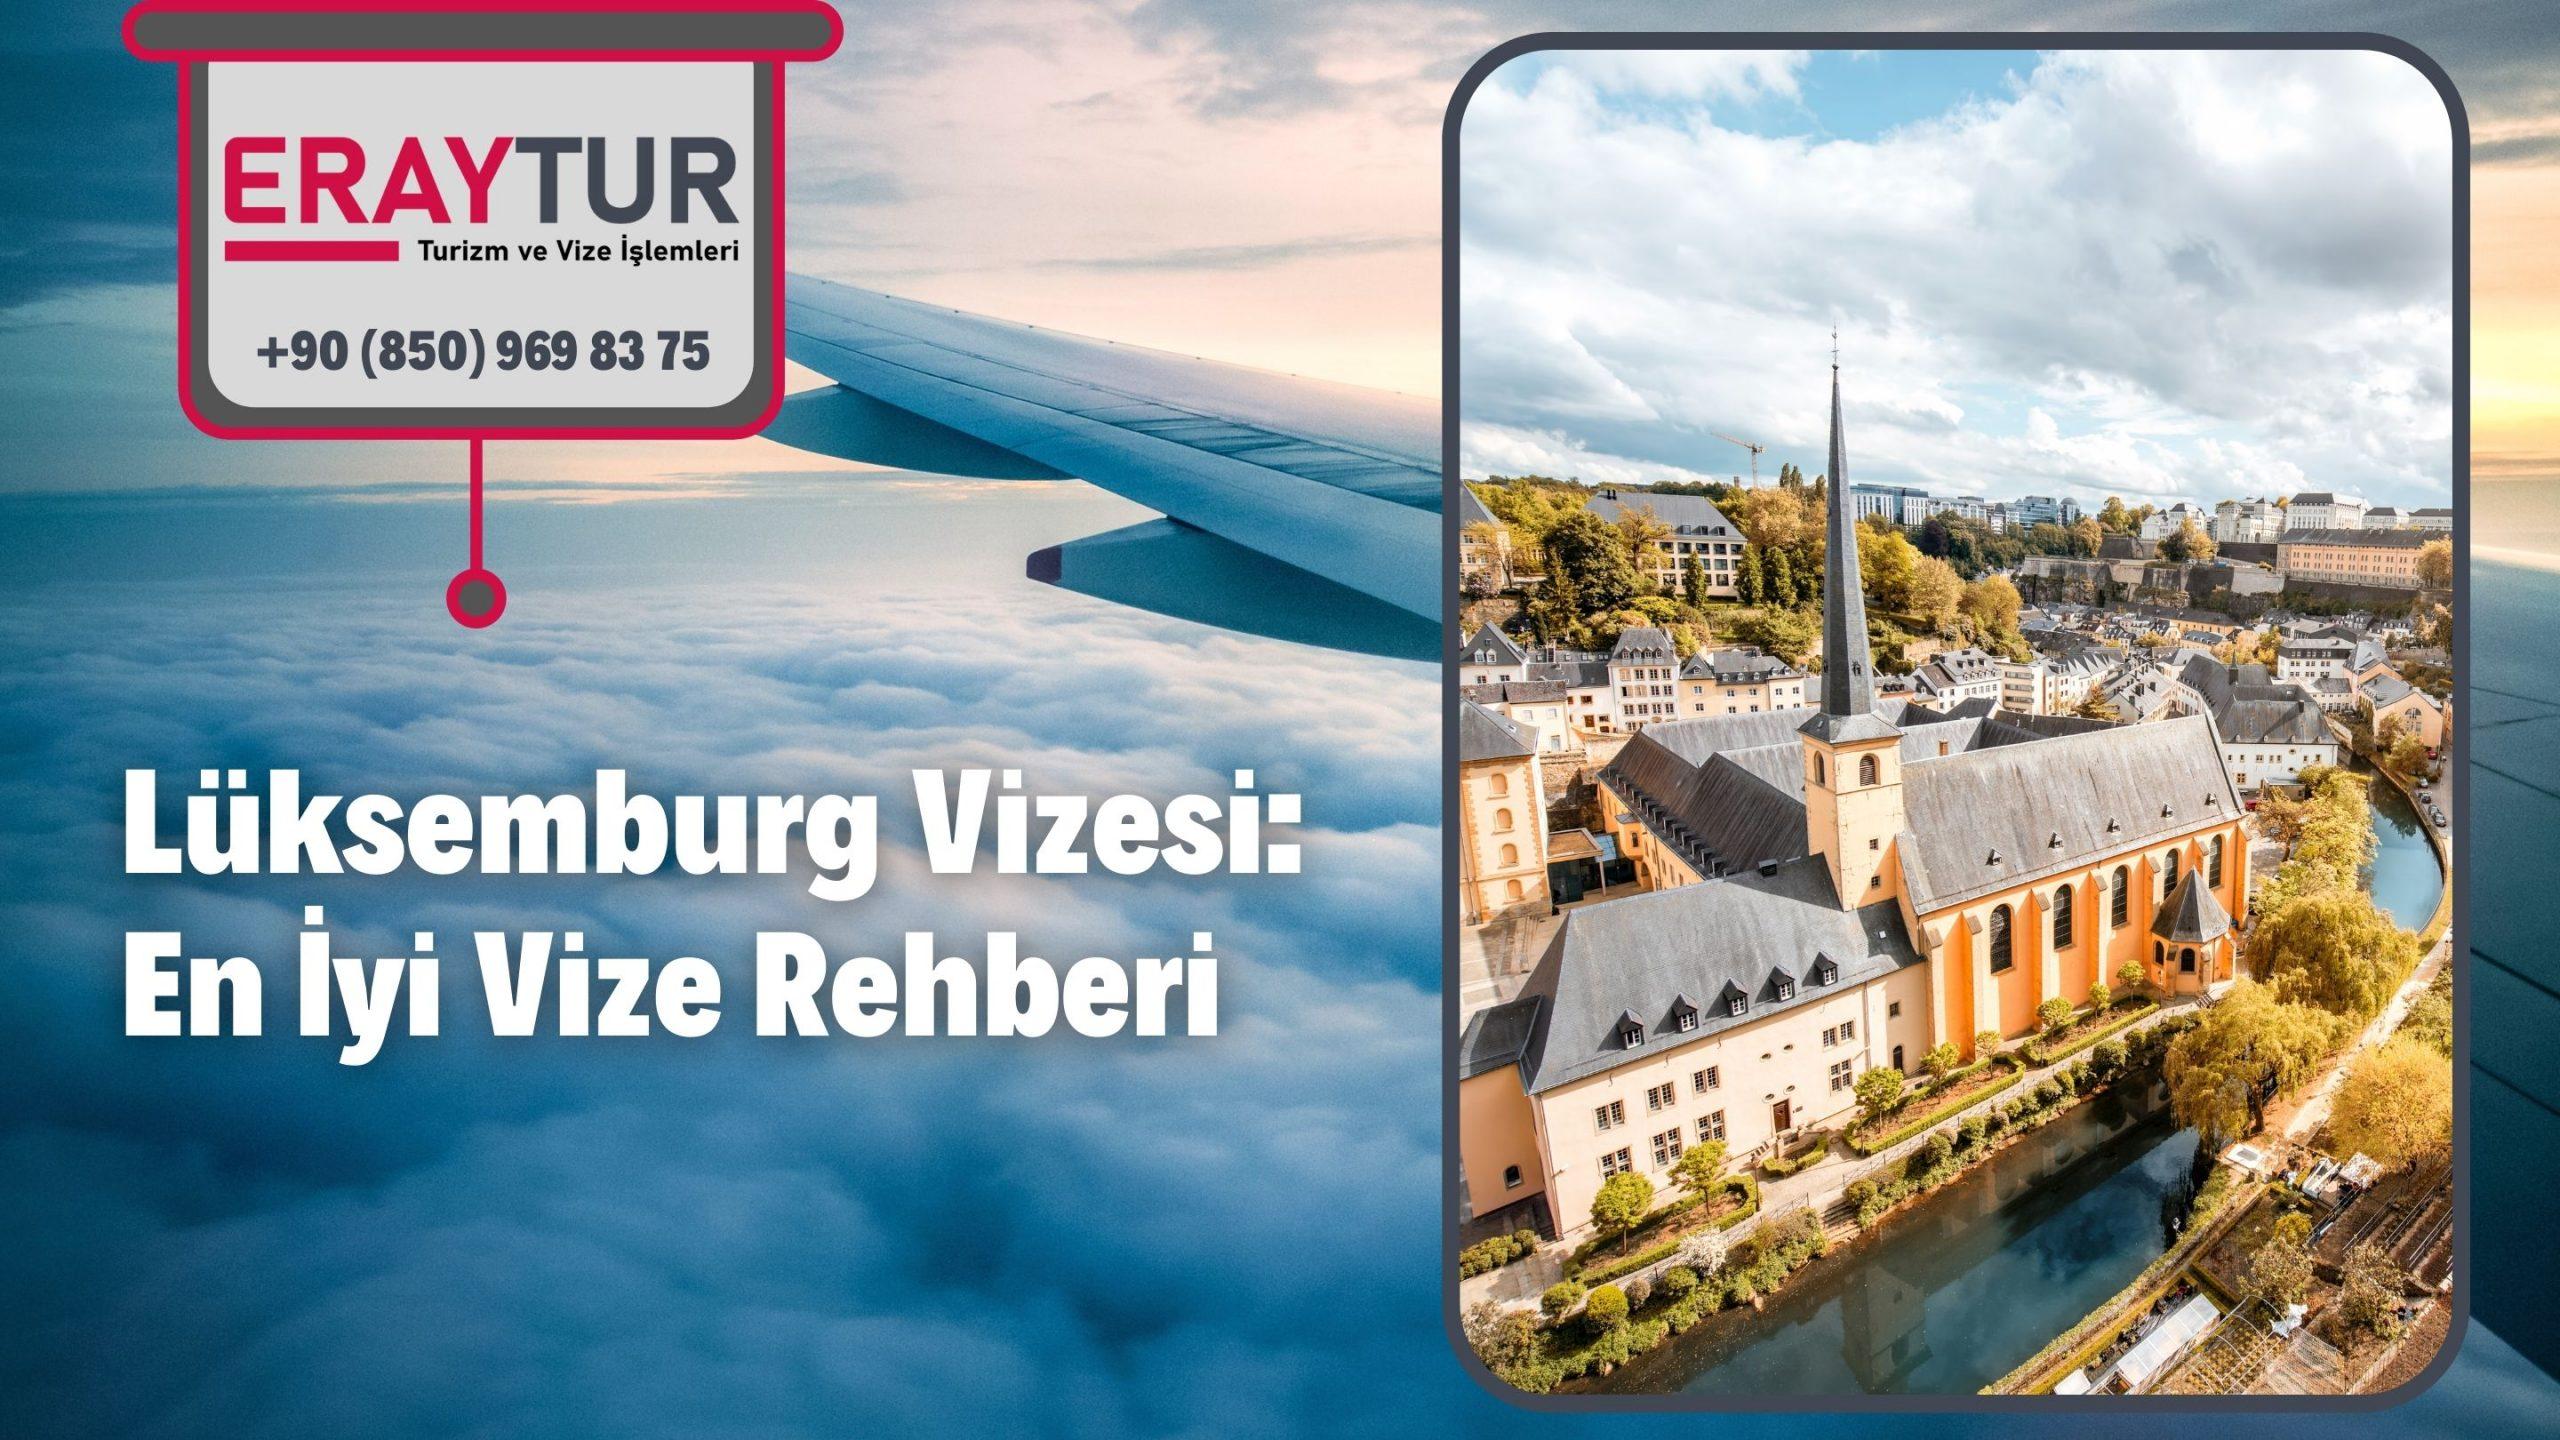 Lüksemburg Vizesi: En İyi Vize Rehberi 2021 1 – luksemburg vizesi en iyi vize rehberi 2021 1 scaled